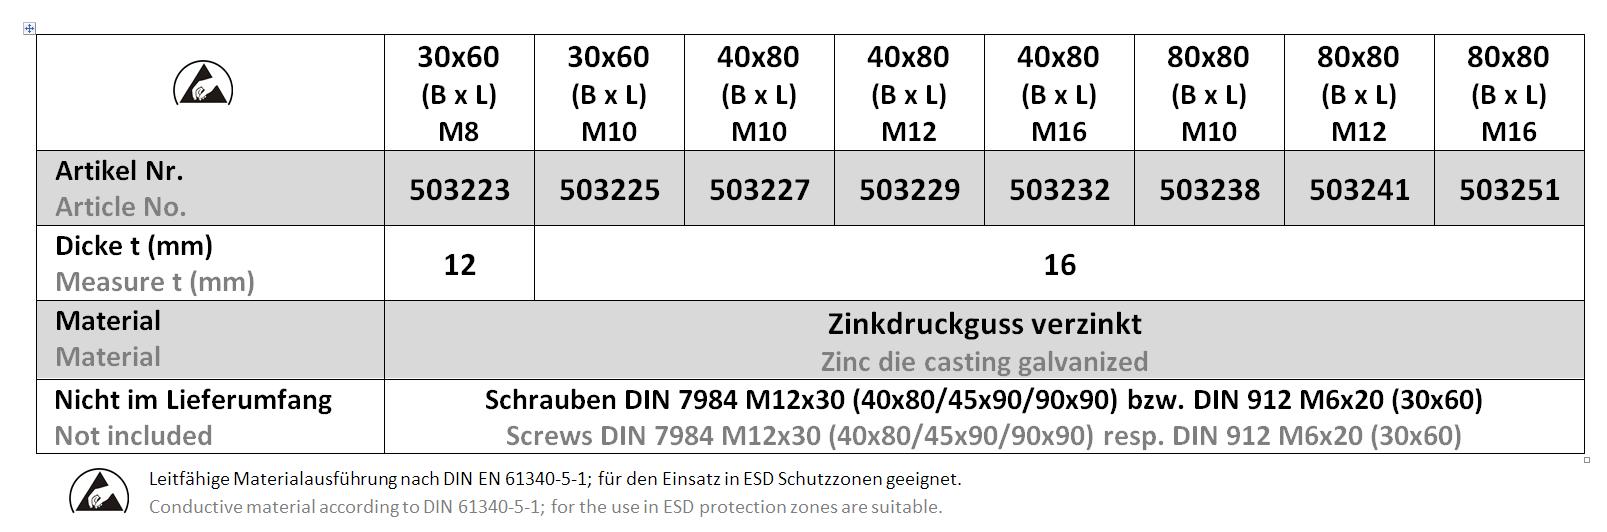 Fussplatten M8-M16 - Tabelle